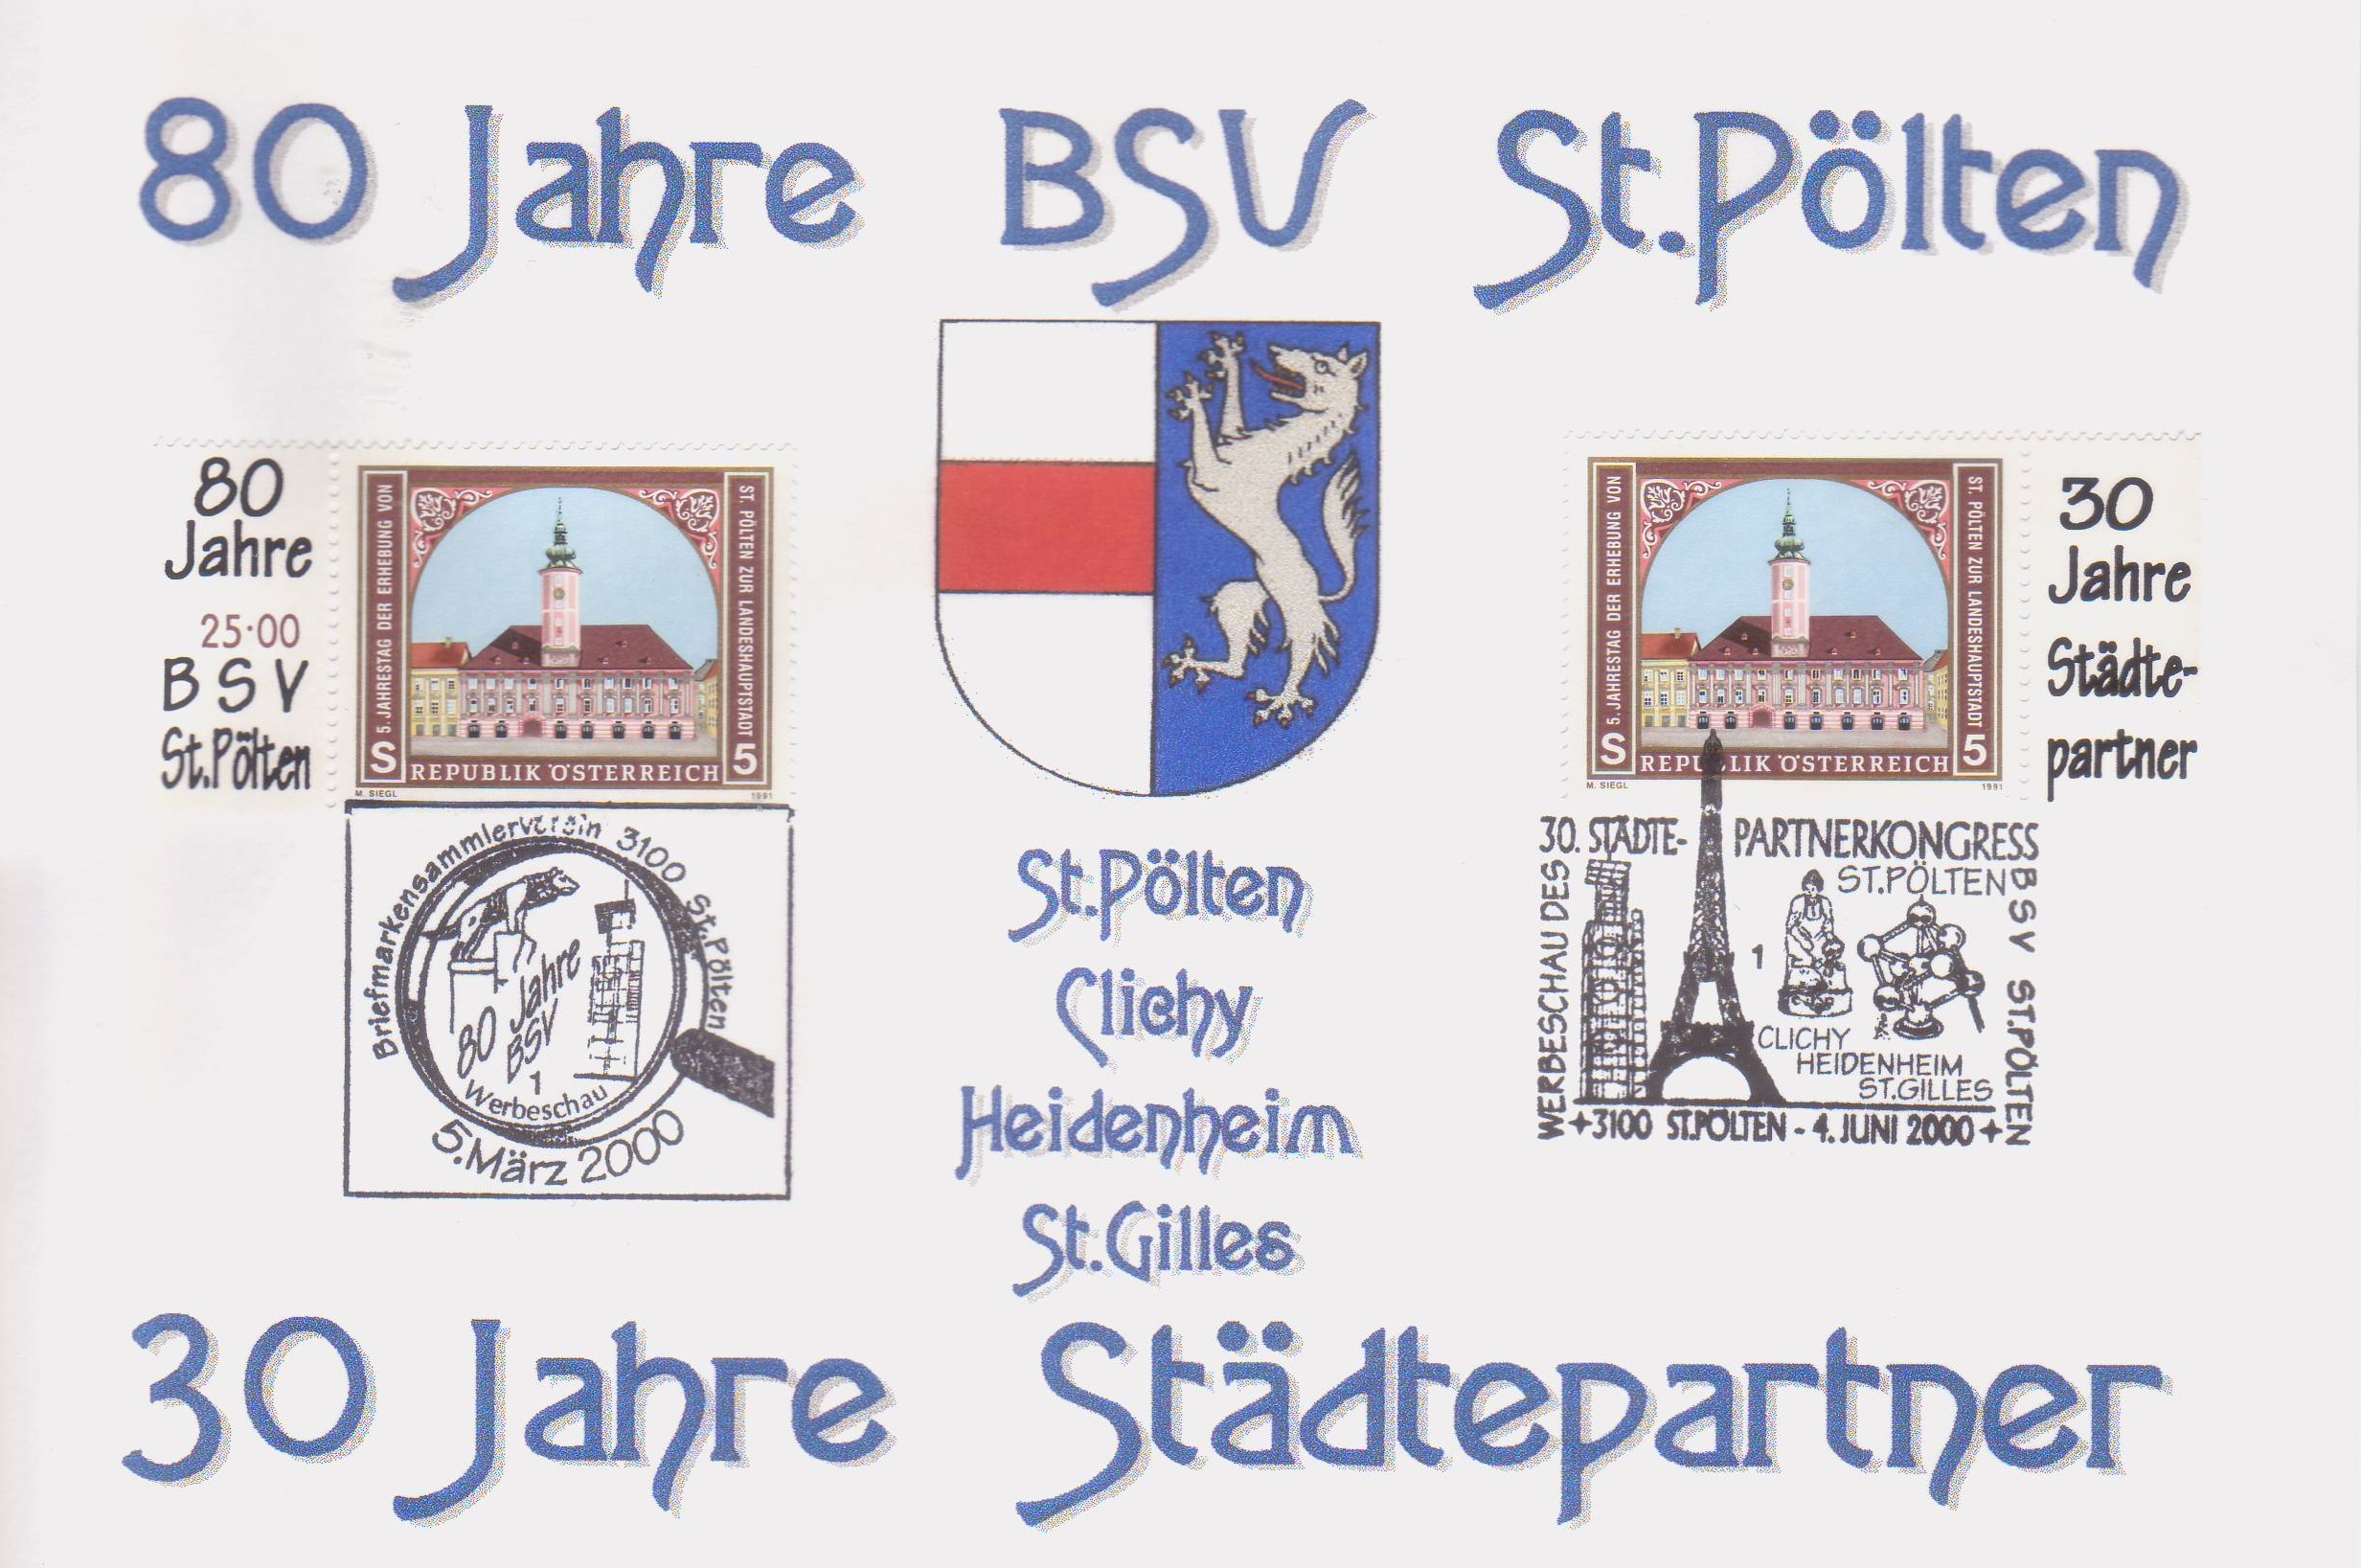 2000 2.-EUR 80 Jahre BSV St.Poelten